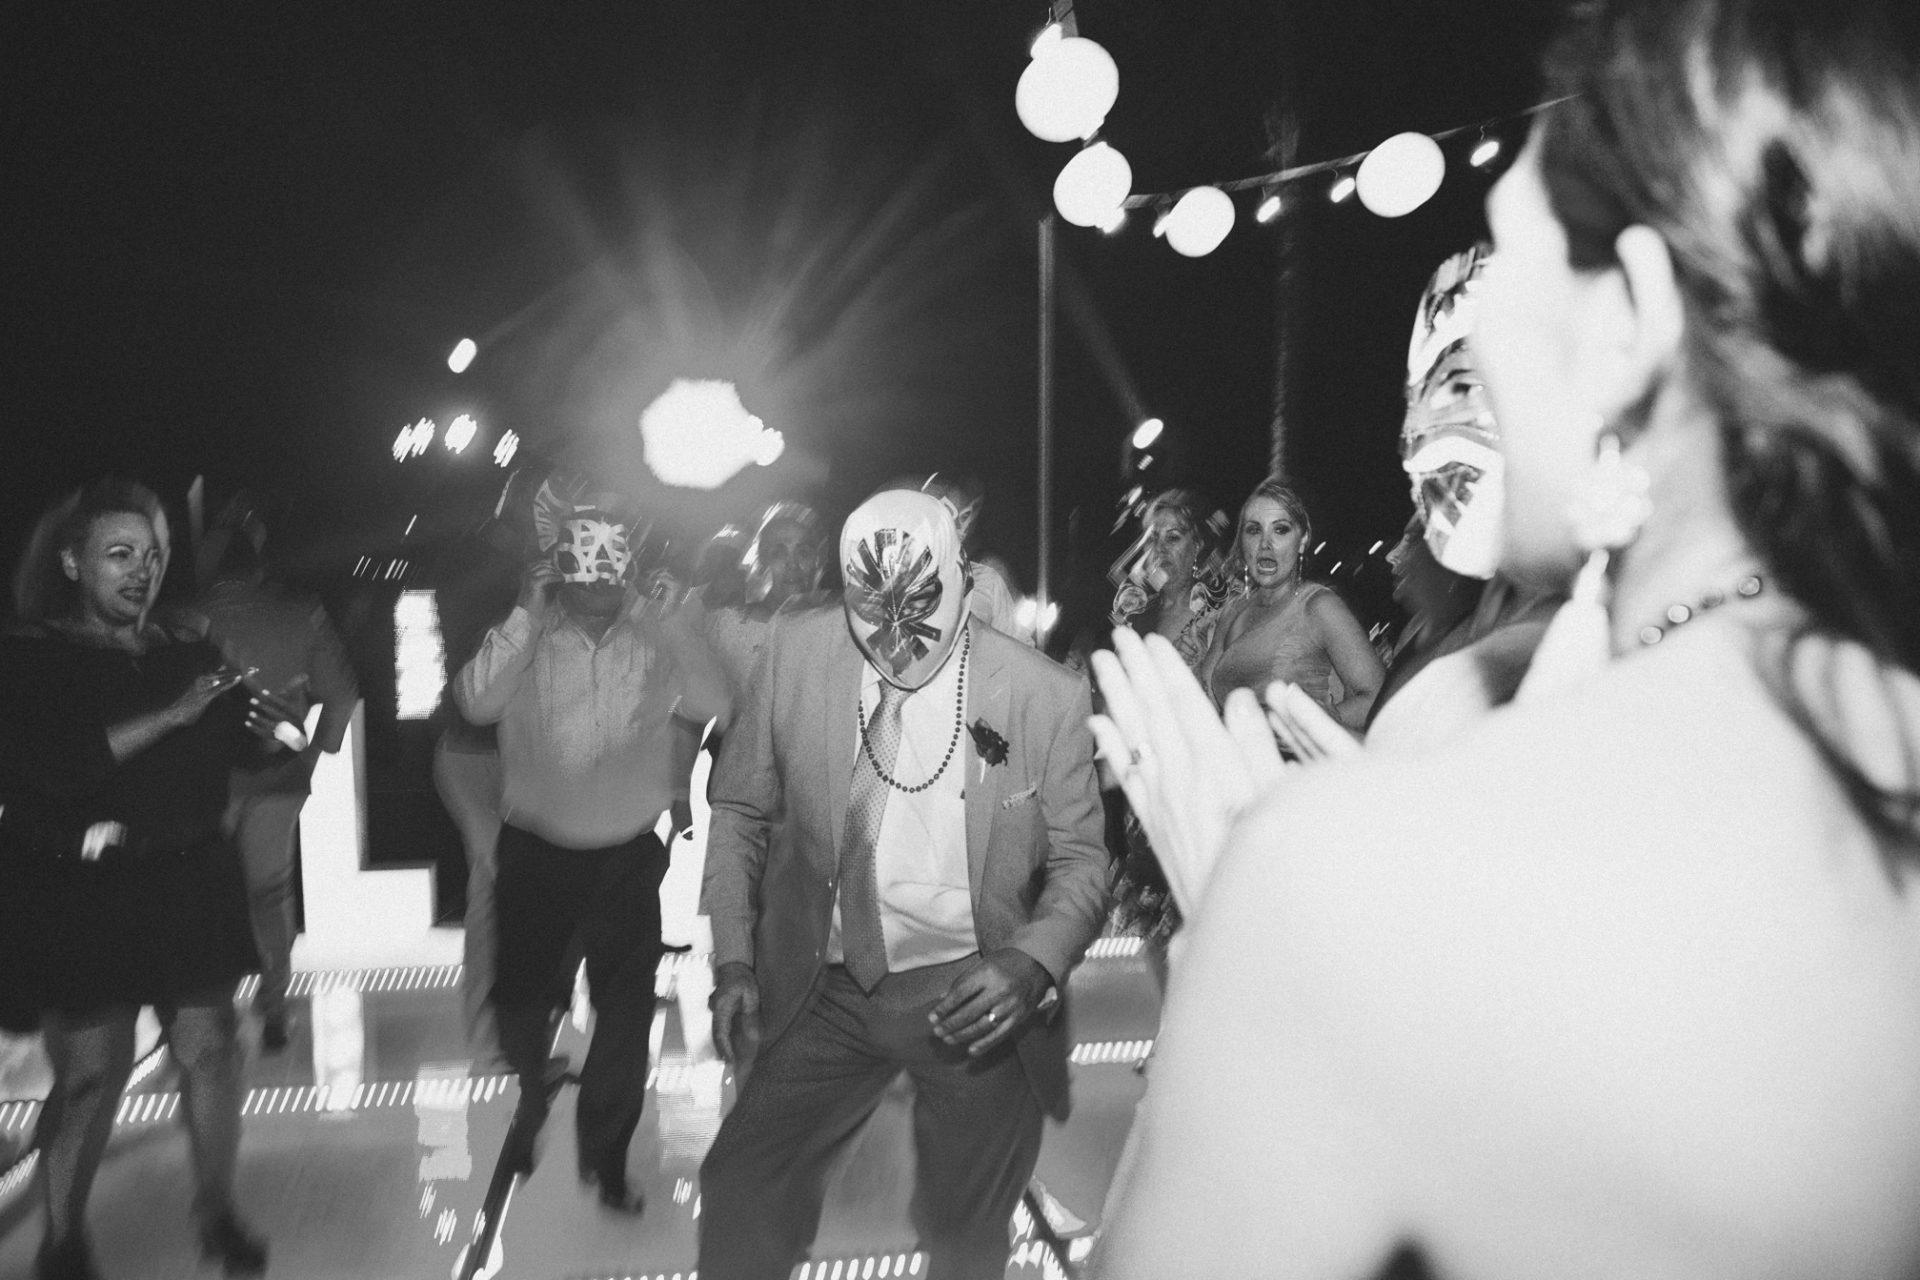 fotografo_bodas_profesional_zacatecas_riviera_maya_cancun-286